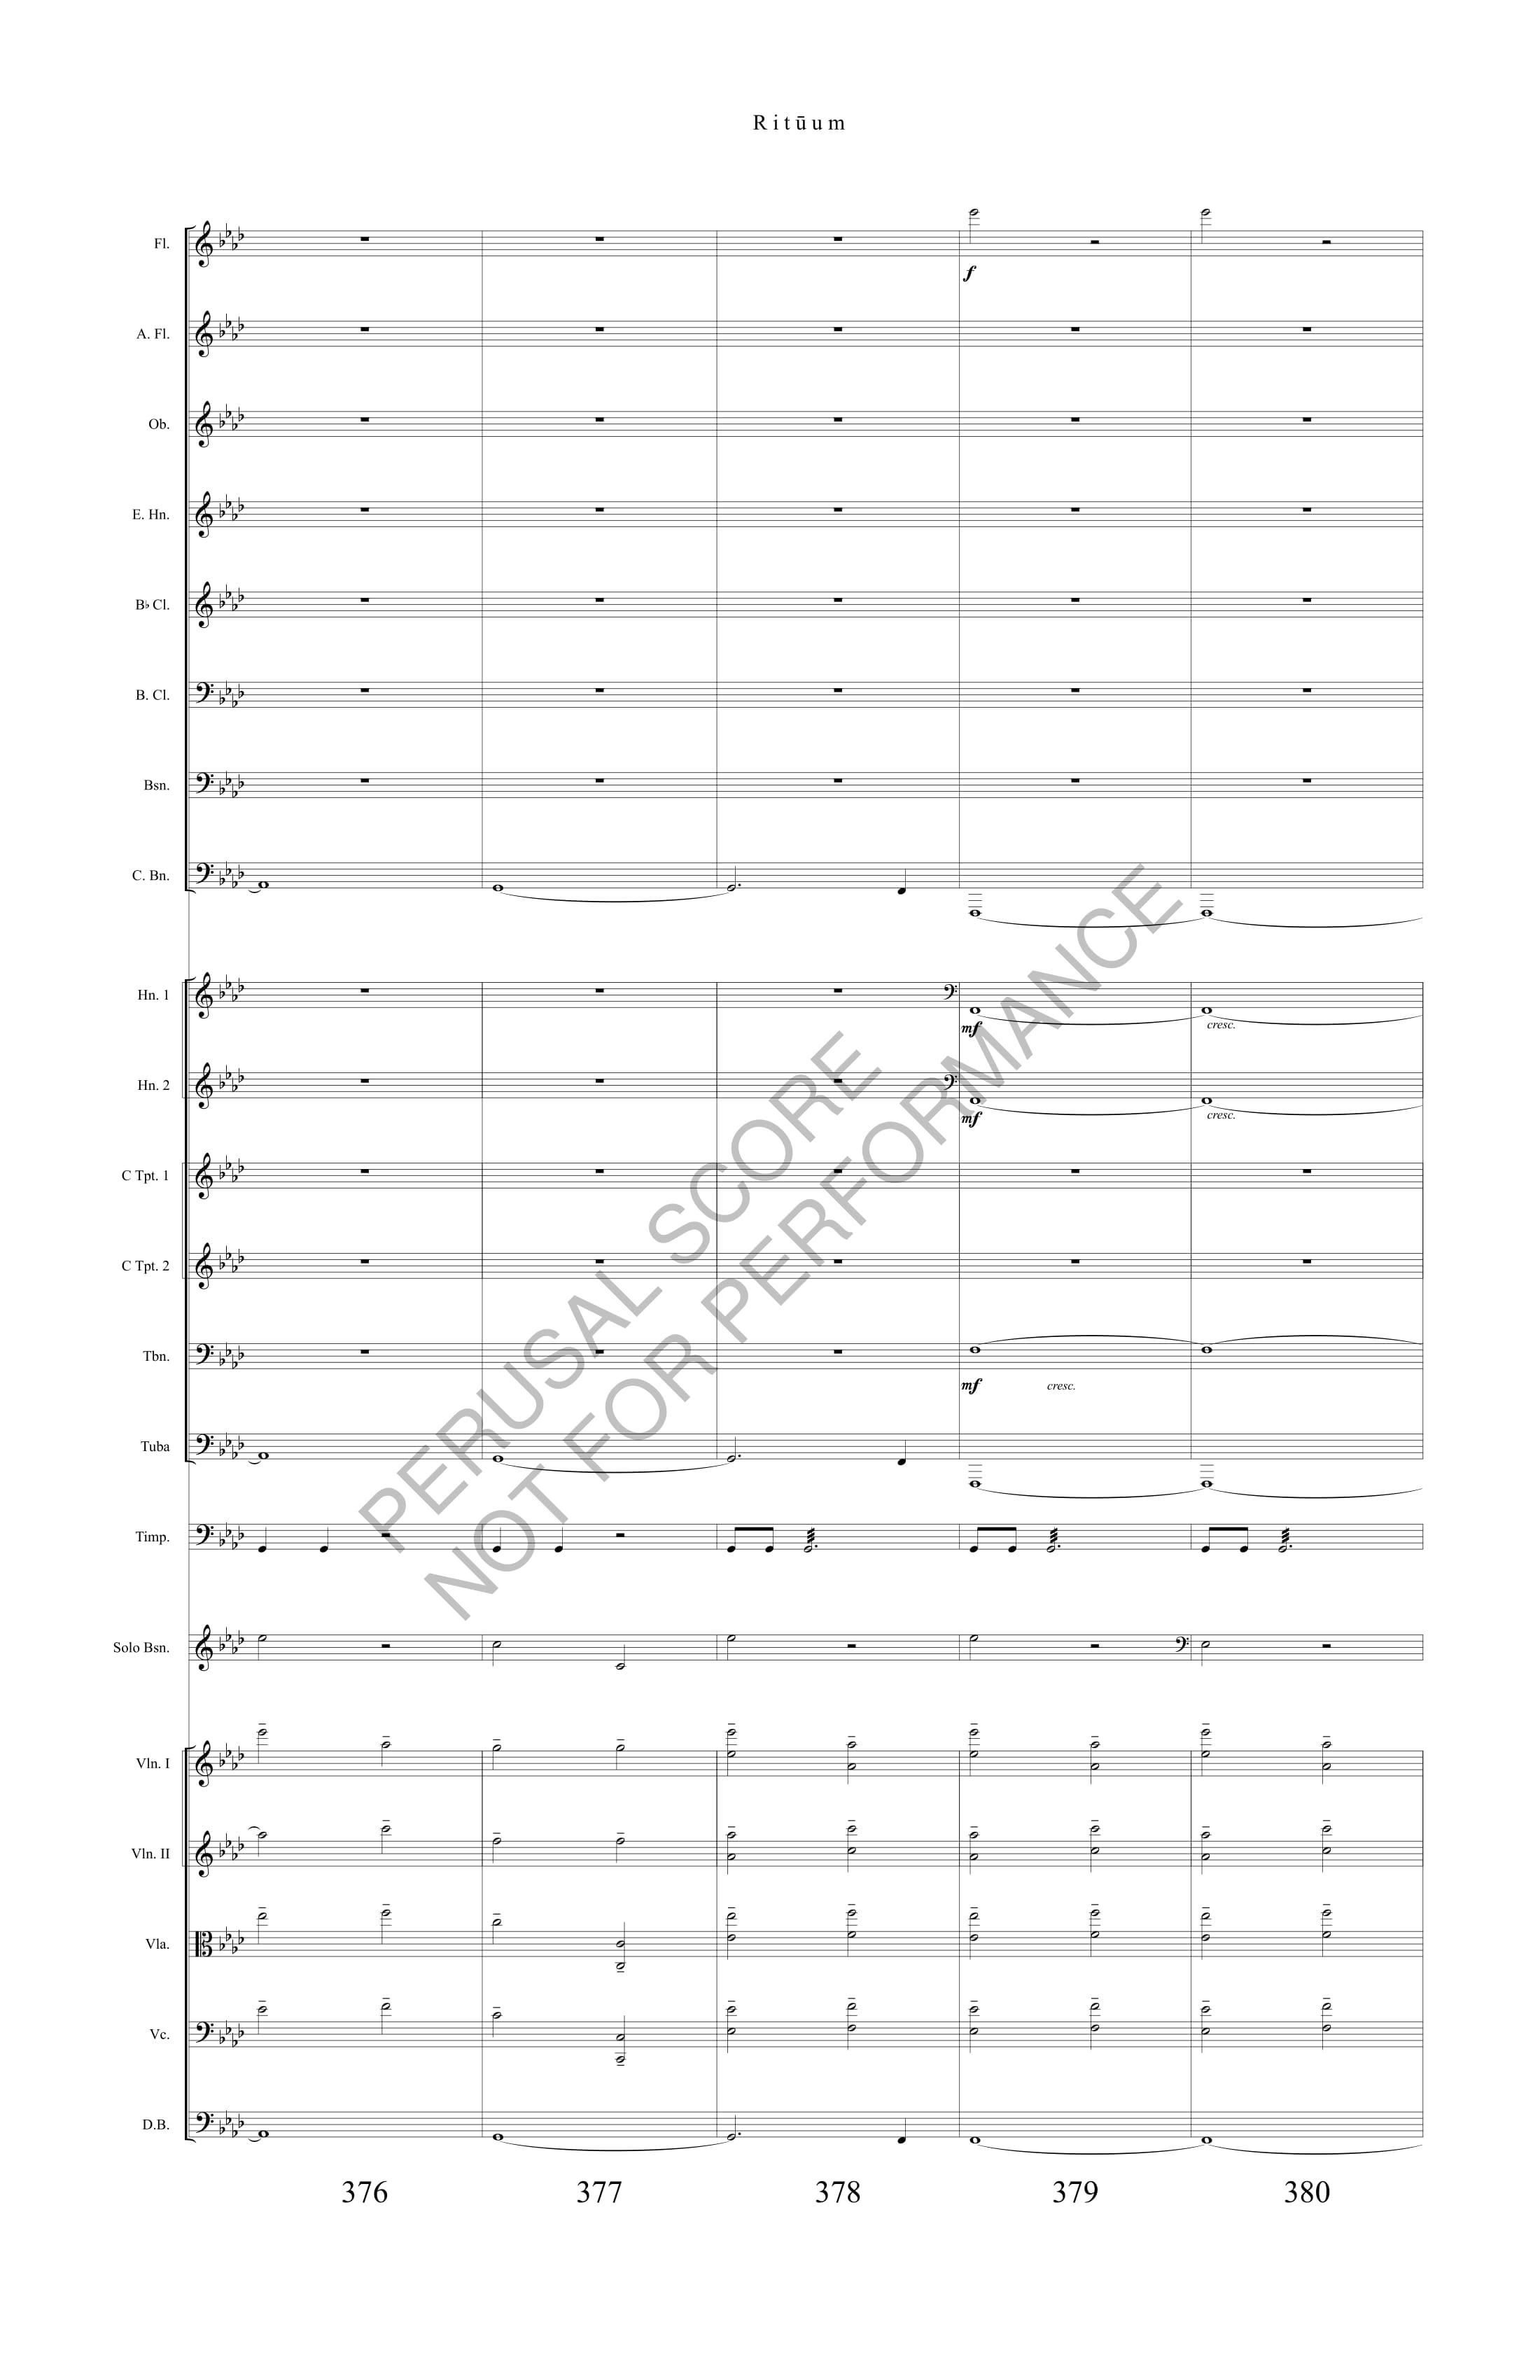 Boyd Rituum Score-watermark (1)-84.jpg